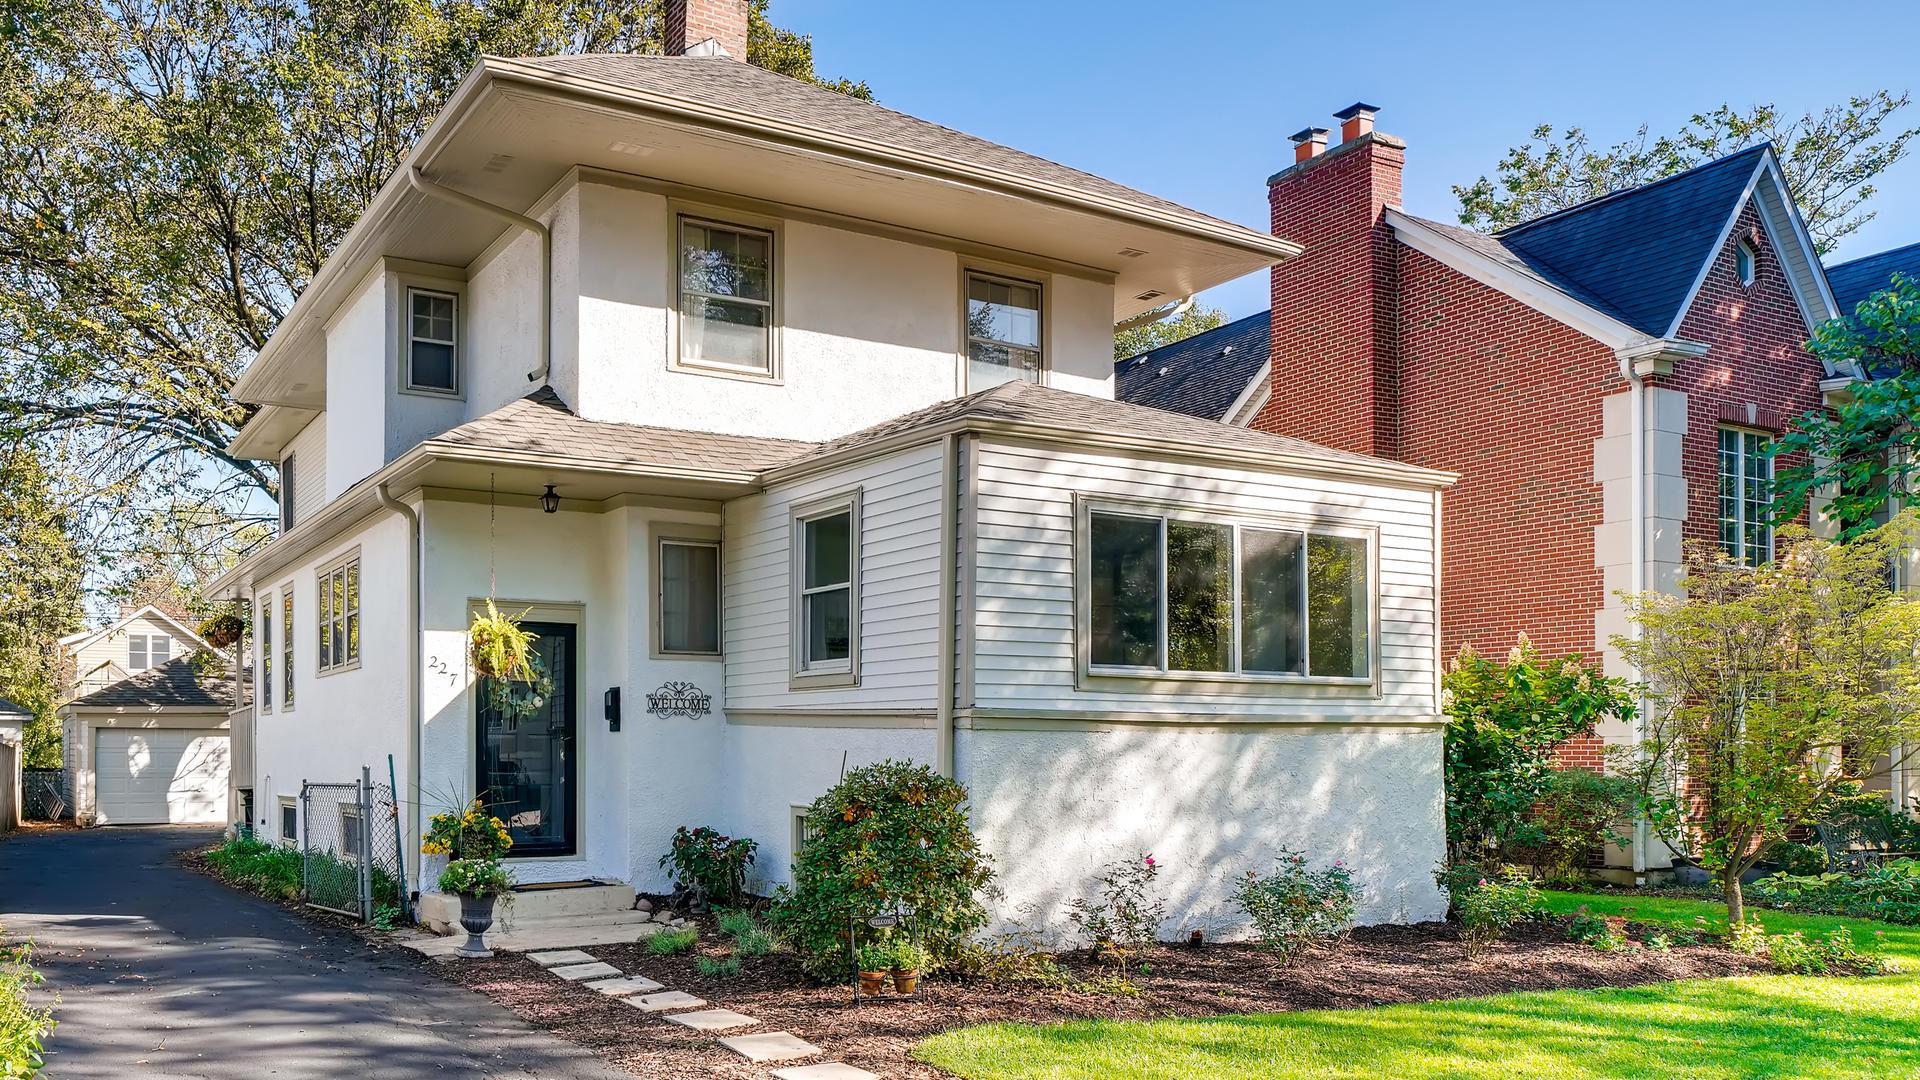 227 South Catherine Avenue, La Grange in Cook County, IL 60525 Home for Sale